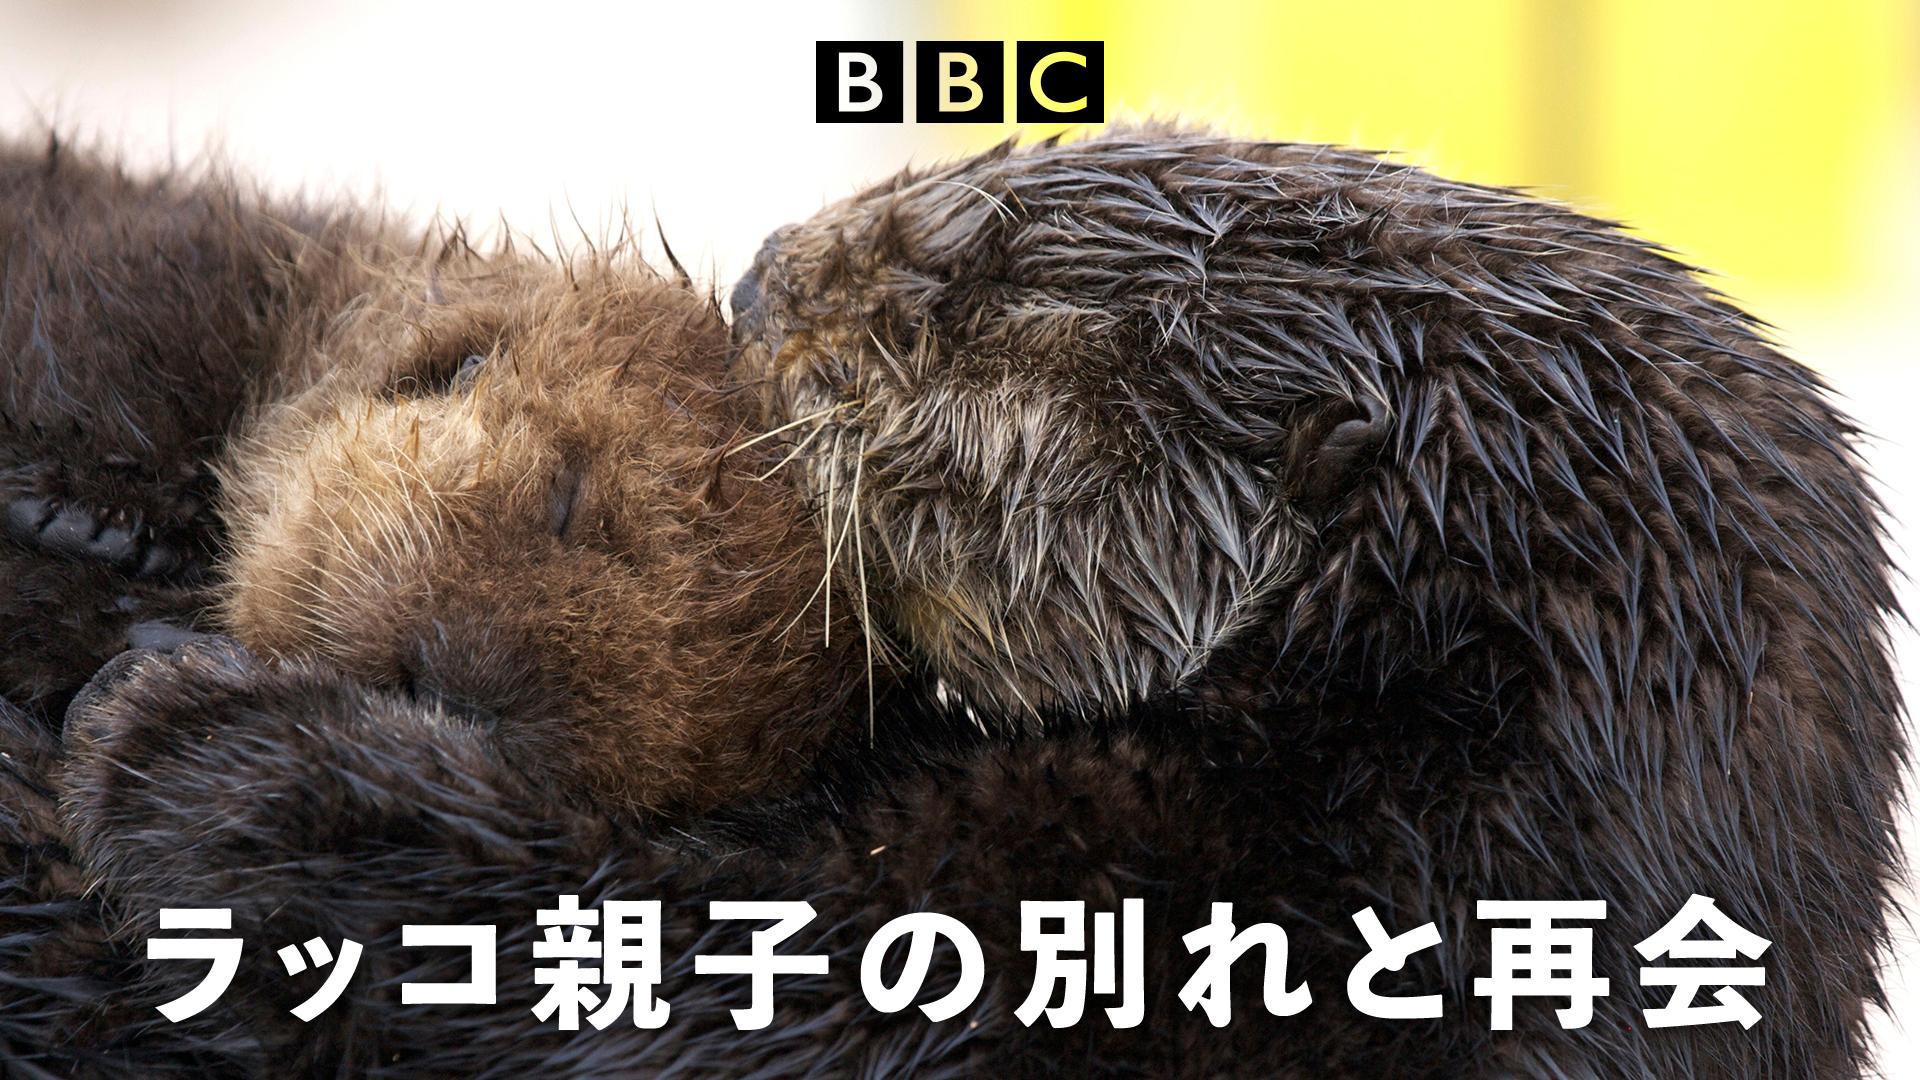 ナチュラルワールド~動物親子特集~ラッコ親子の別れと再会の動画 - 氷の国の動物たち